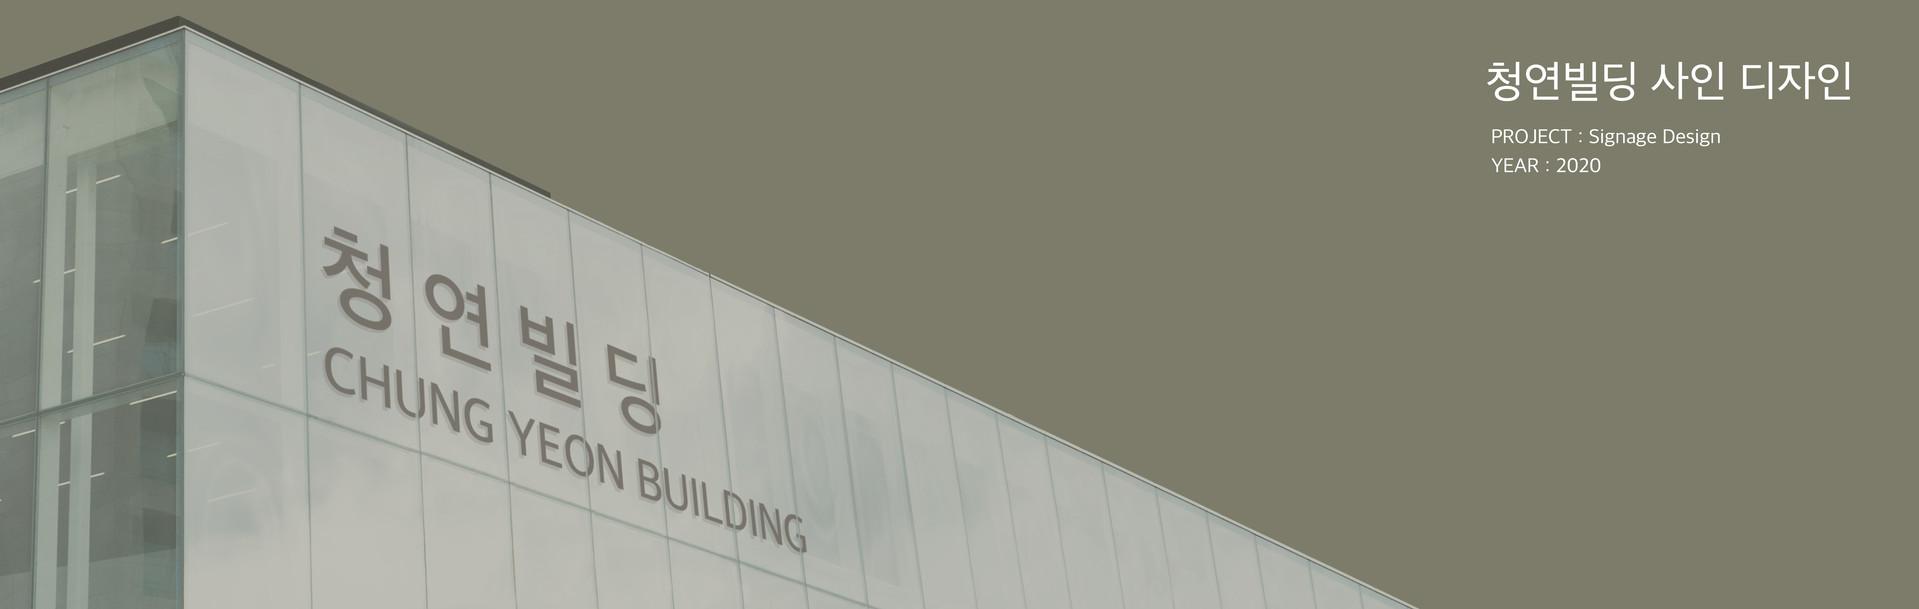 사인물디자인 사이니지디자인 그래픽디자인 브랜드디자인 광주한방병원